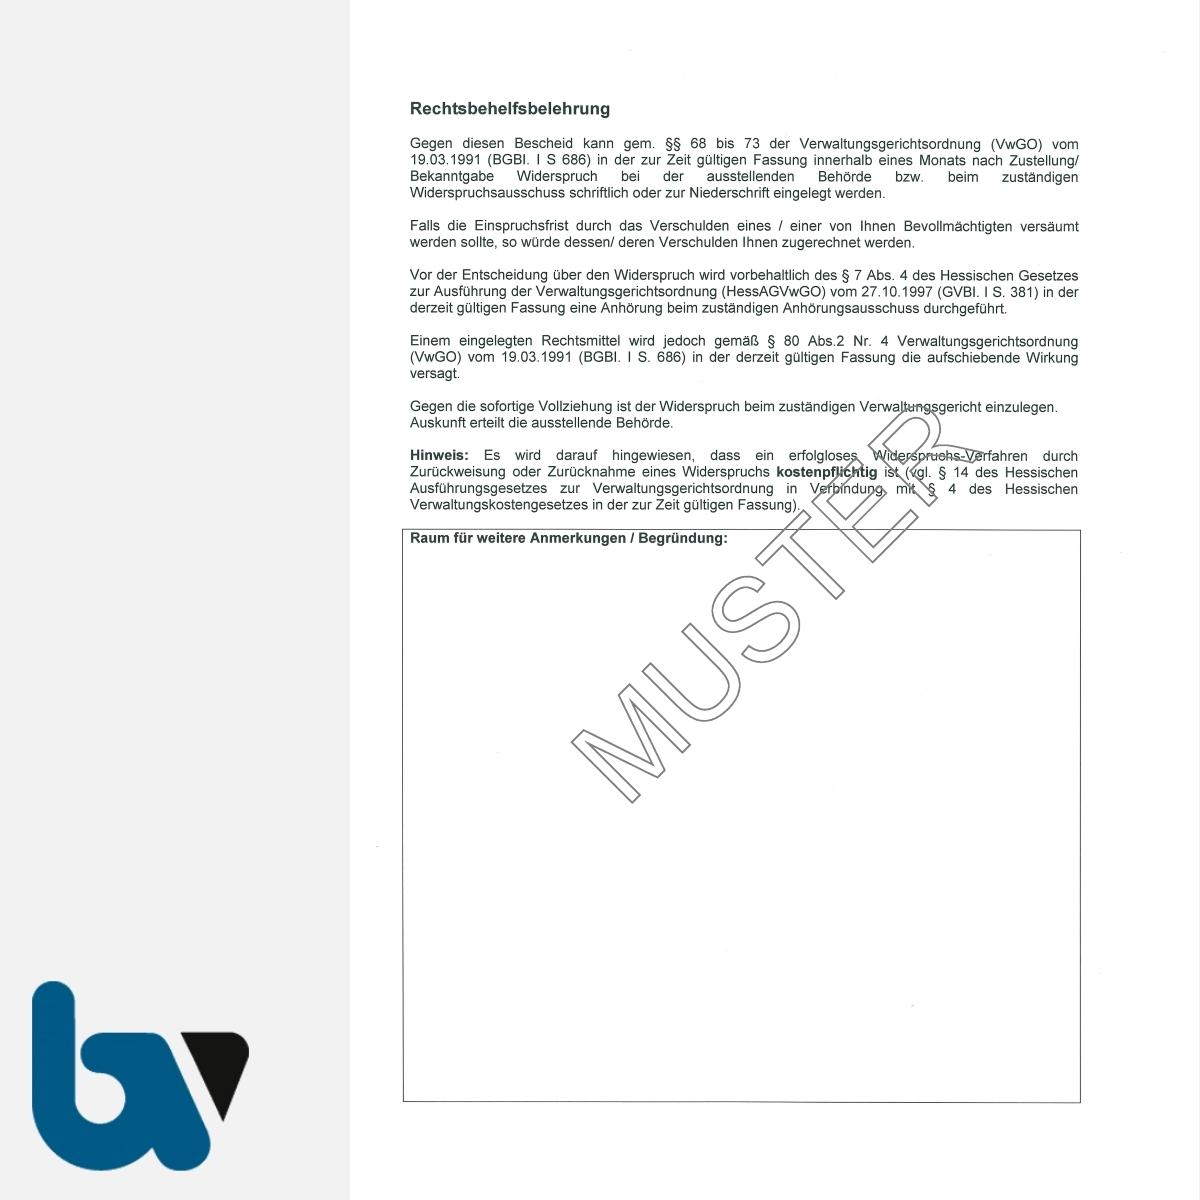 3/442-1 Aufforderung Verfügung Beseitigung Abfall Abfälle Kreislausfwirtschaftsgesetz KrWG HAKrWG HSOG Hessen selbstdurchschreibend DIN A4 3-fach RS | Borgard Verlag GmbH